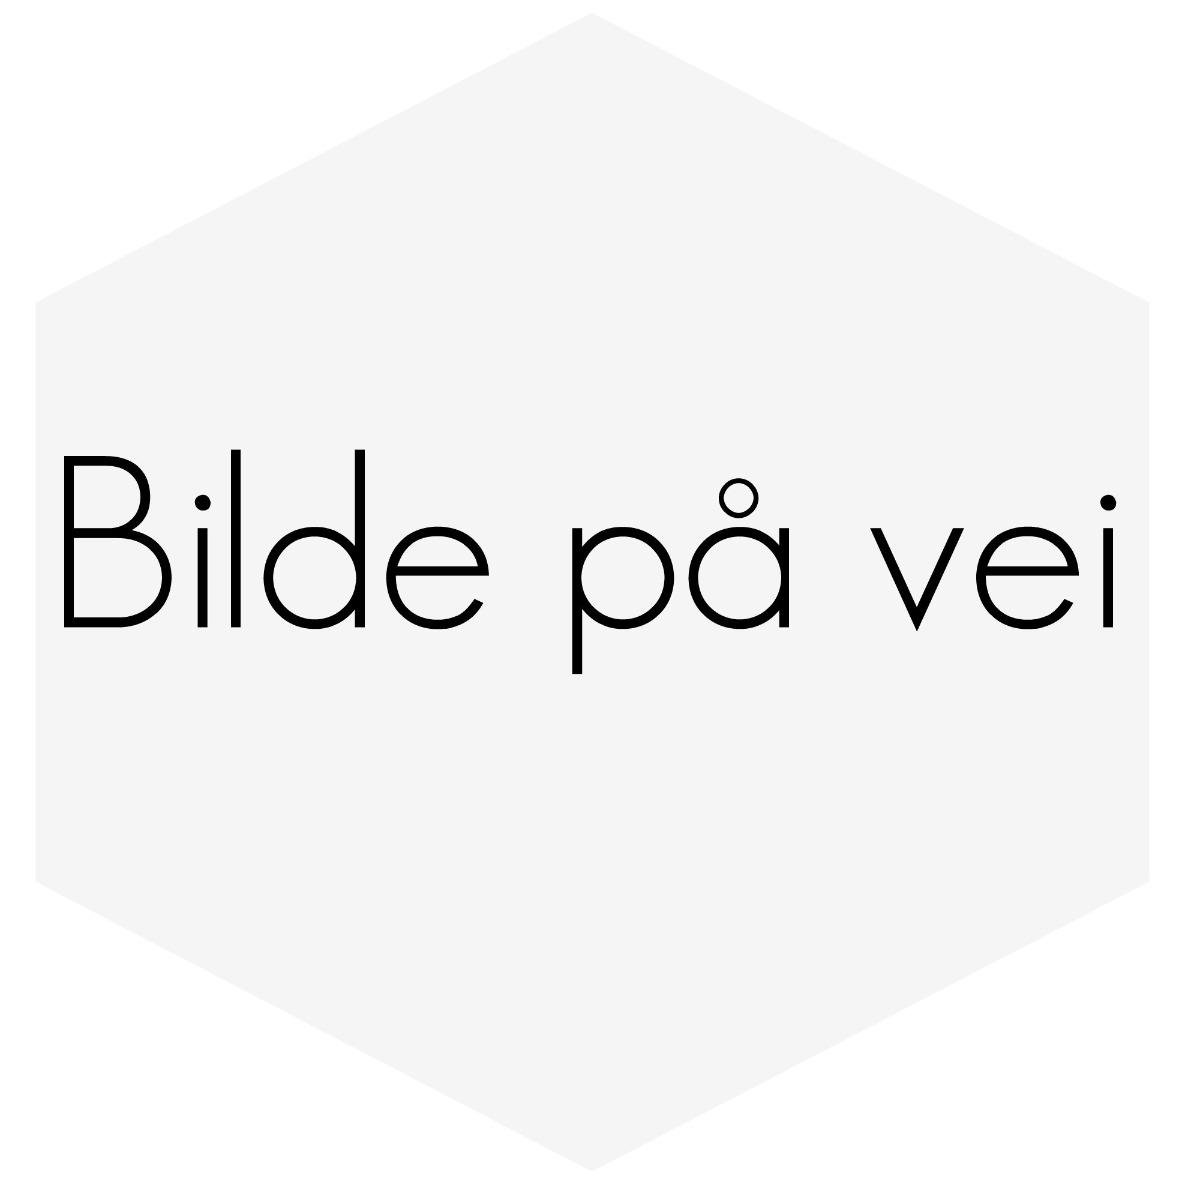 SIDEMARKERINGSLAMPE VENSTRE HVIT TIL VOLVO S80 SE INFO